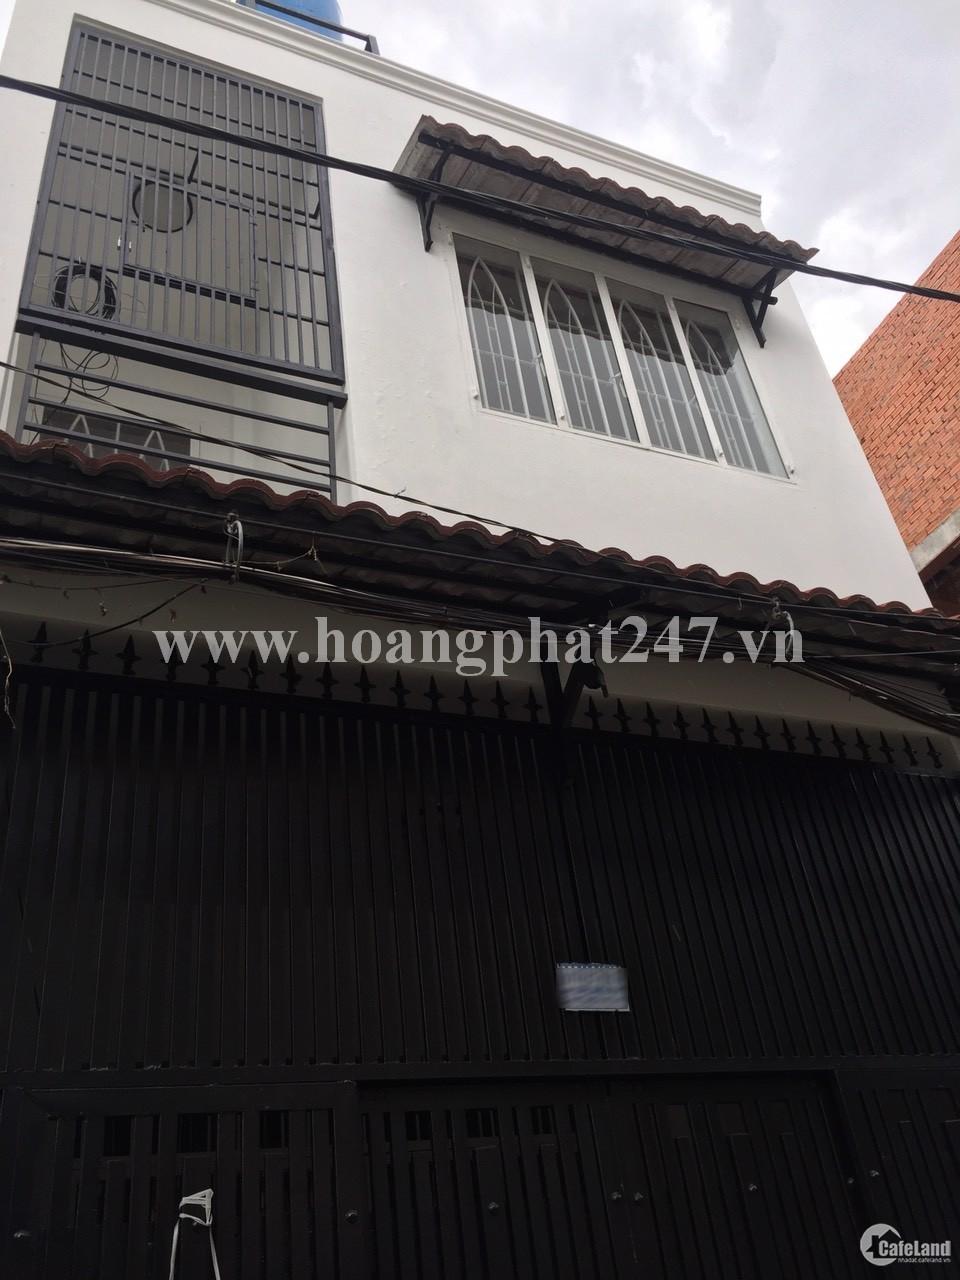 Bán nhà HXH Nguyễn Thượng Hiền, P.1, Q.Gò Vấp